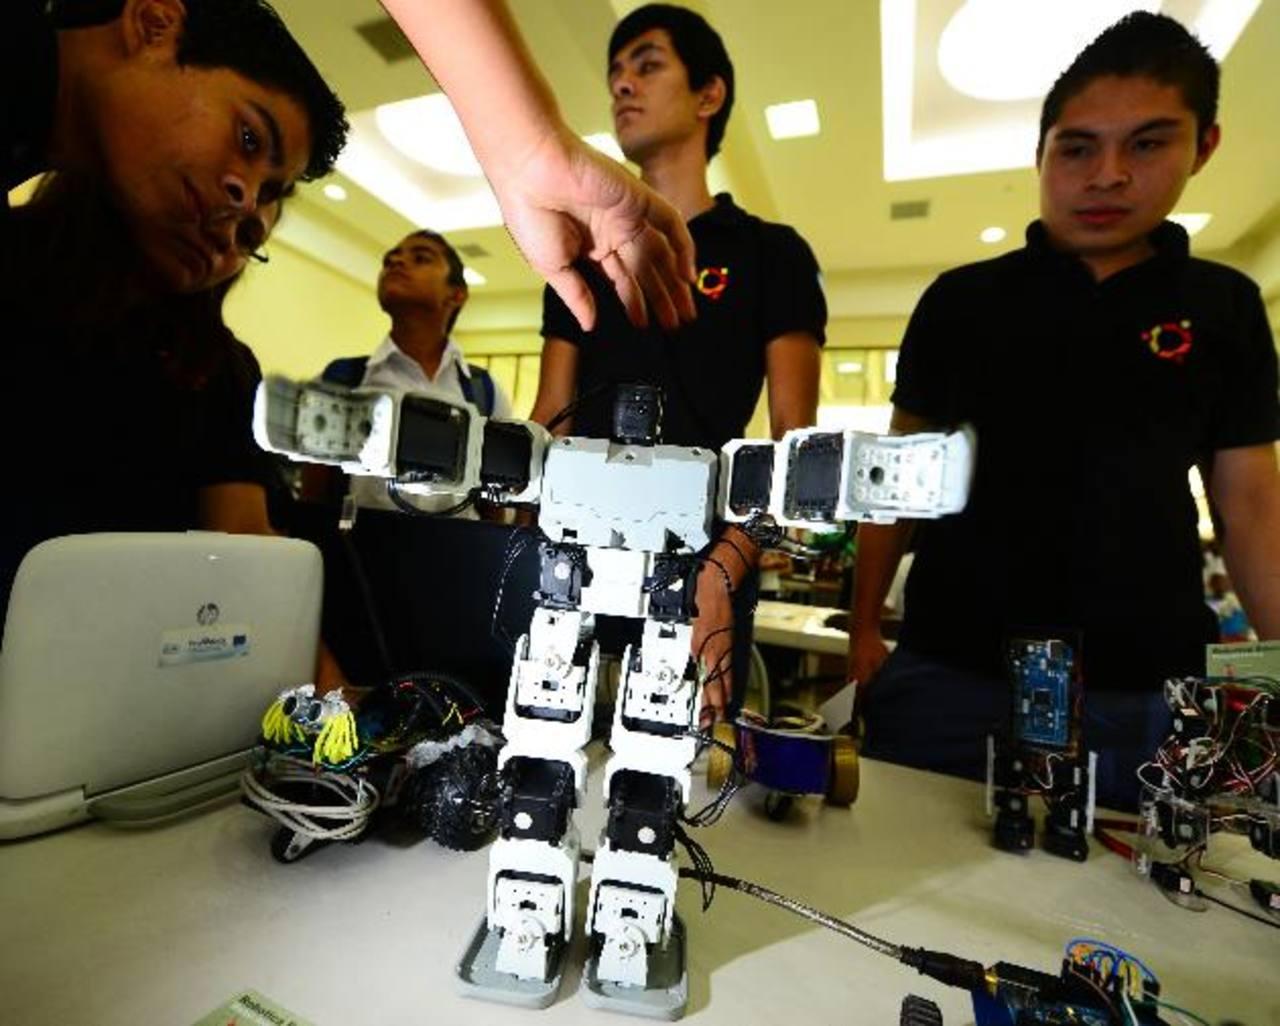 Ayer se realizó el Campamento de Robótica Educativa, en el Ministerio de Relaciones Exteriores. Foto EDH / mario amaya